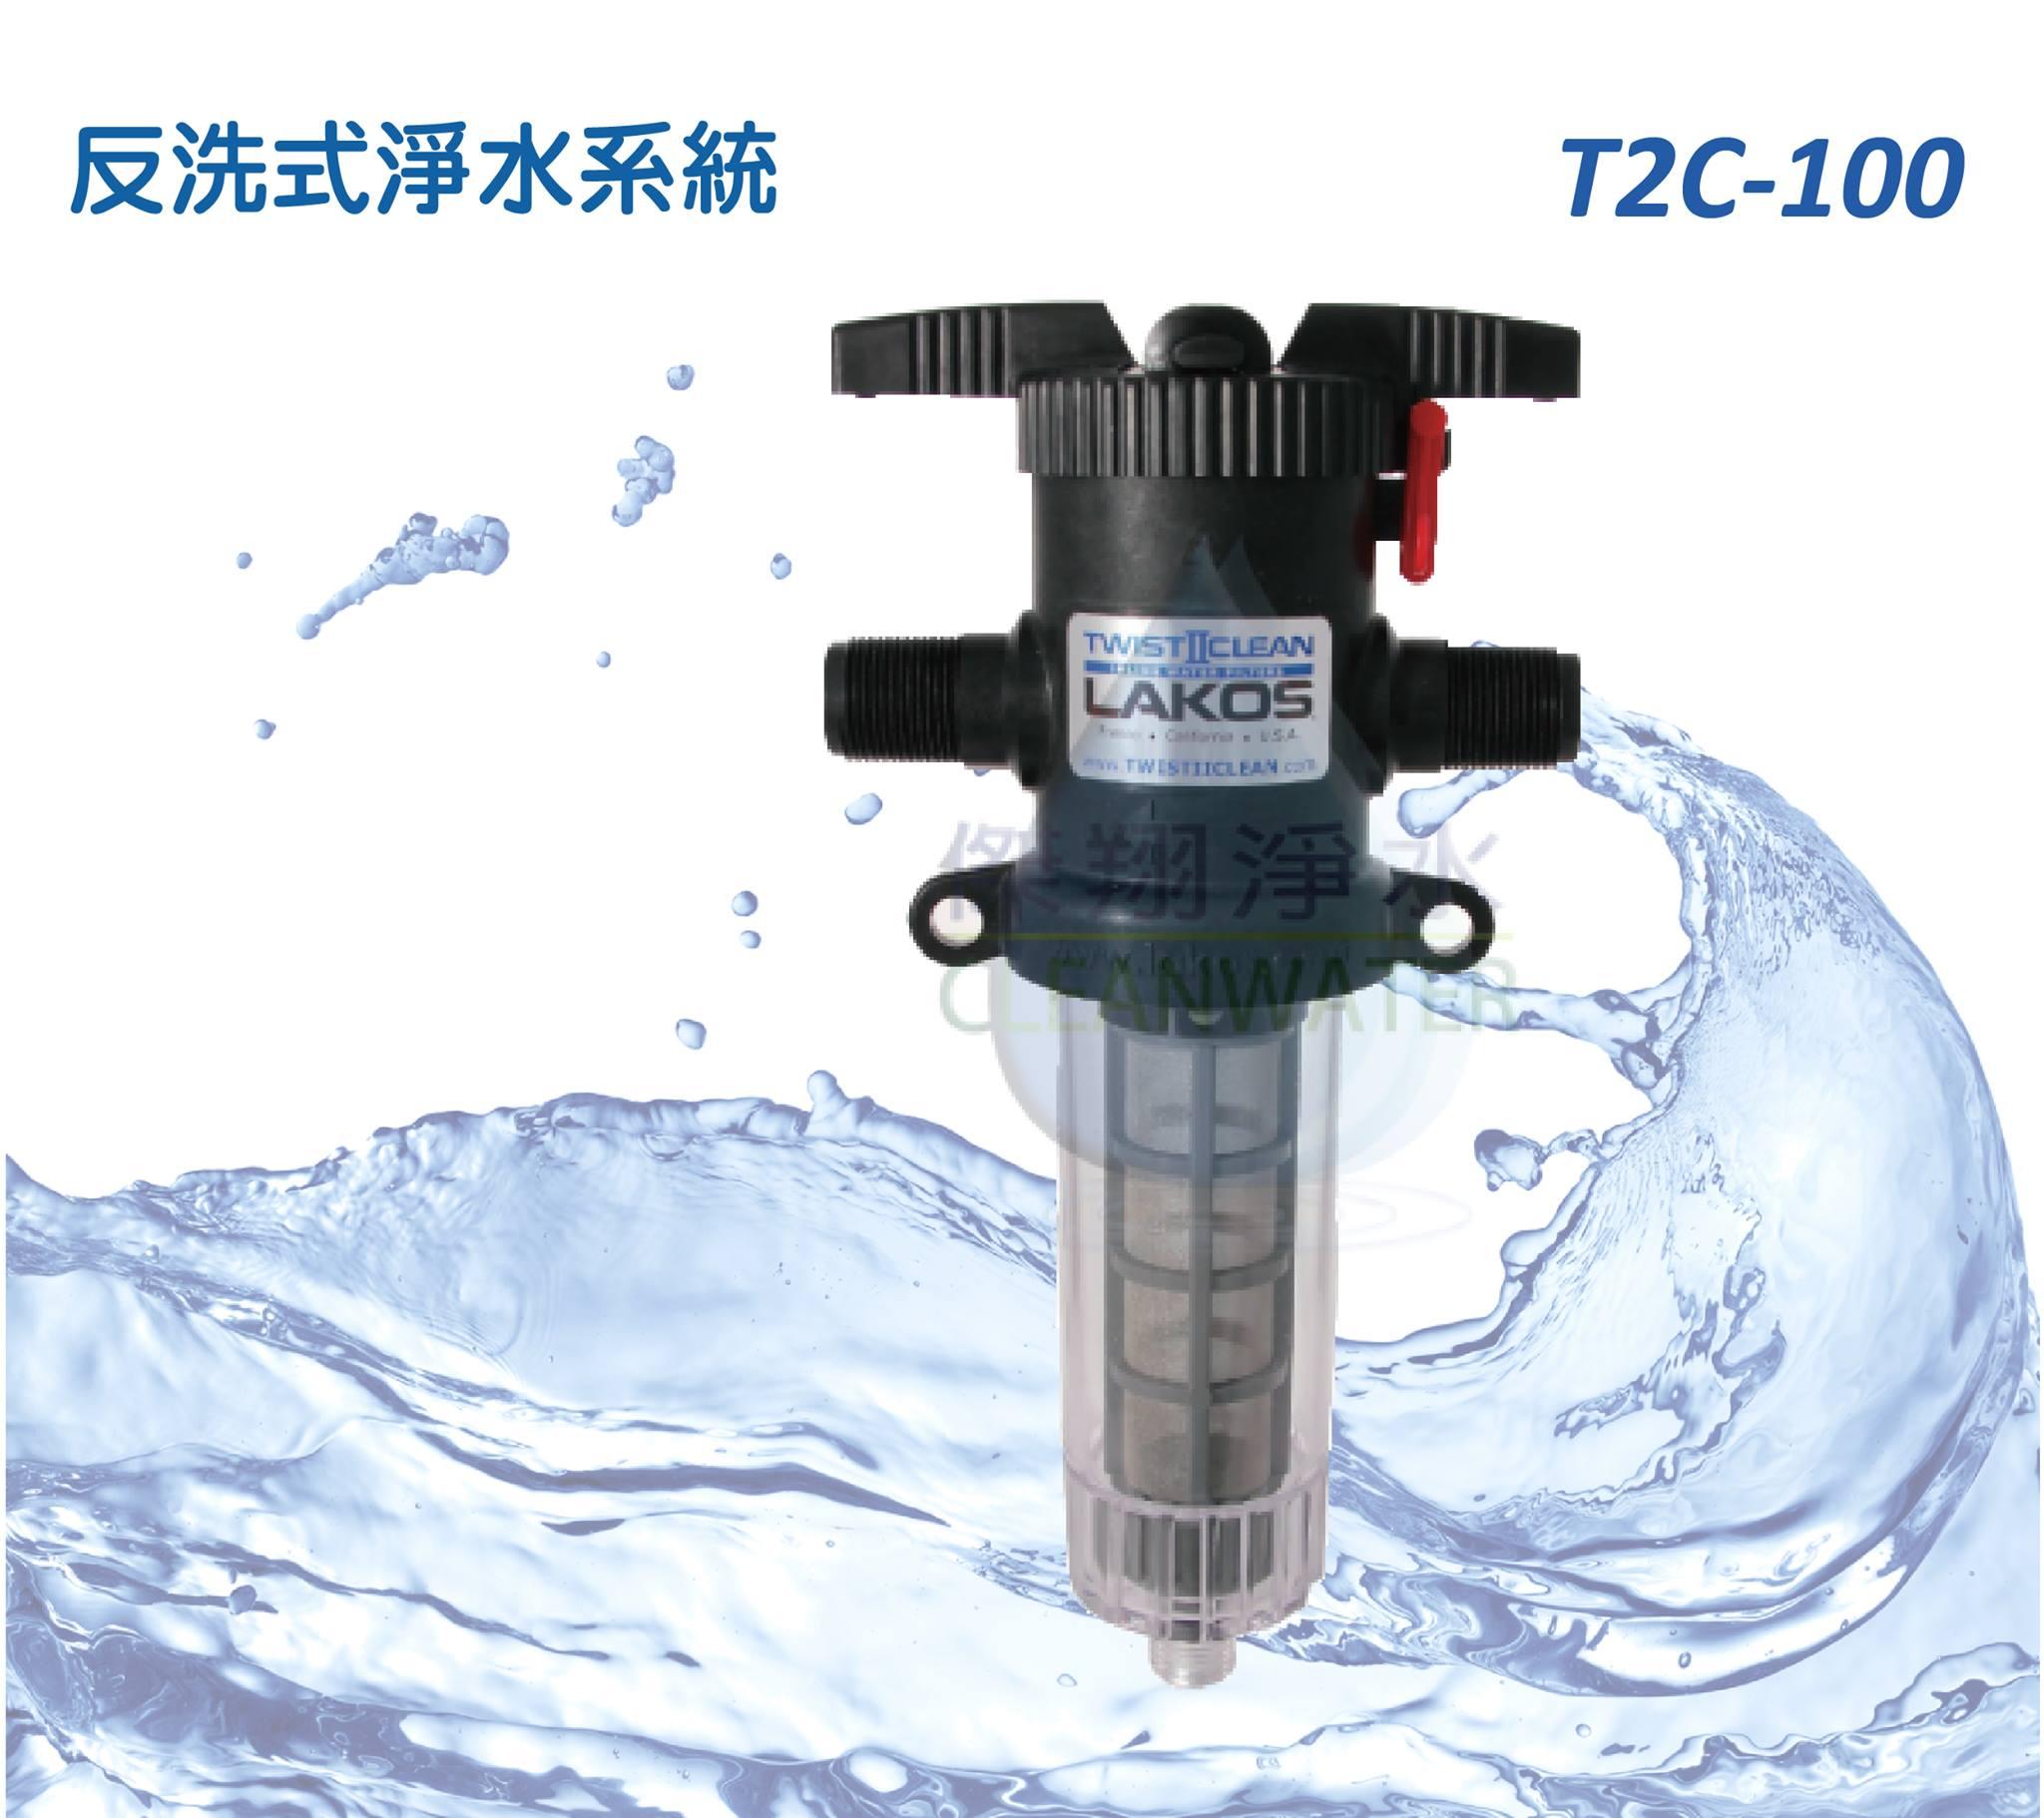 美國水樂 Lakos T2C-100 反洗式淨水系統【免費到府標準安裝】